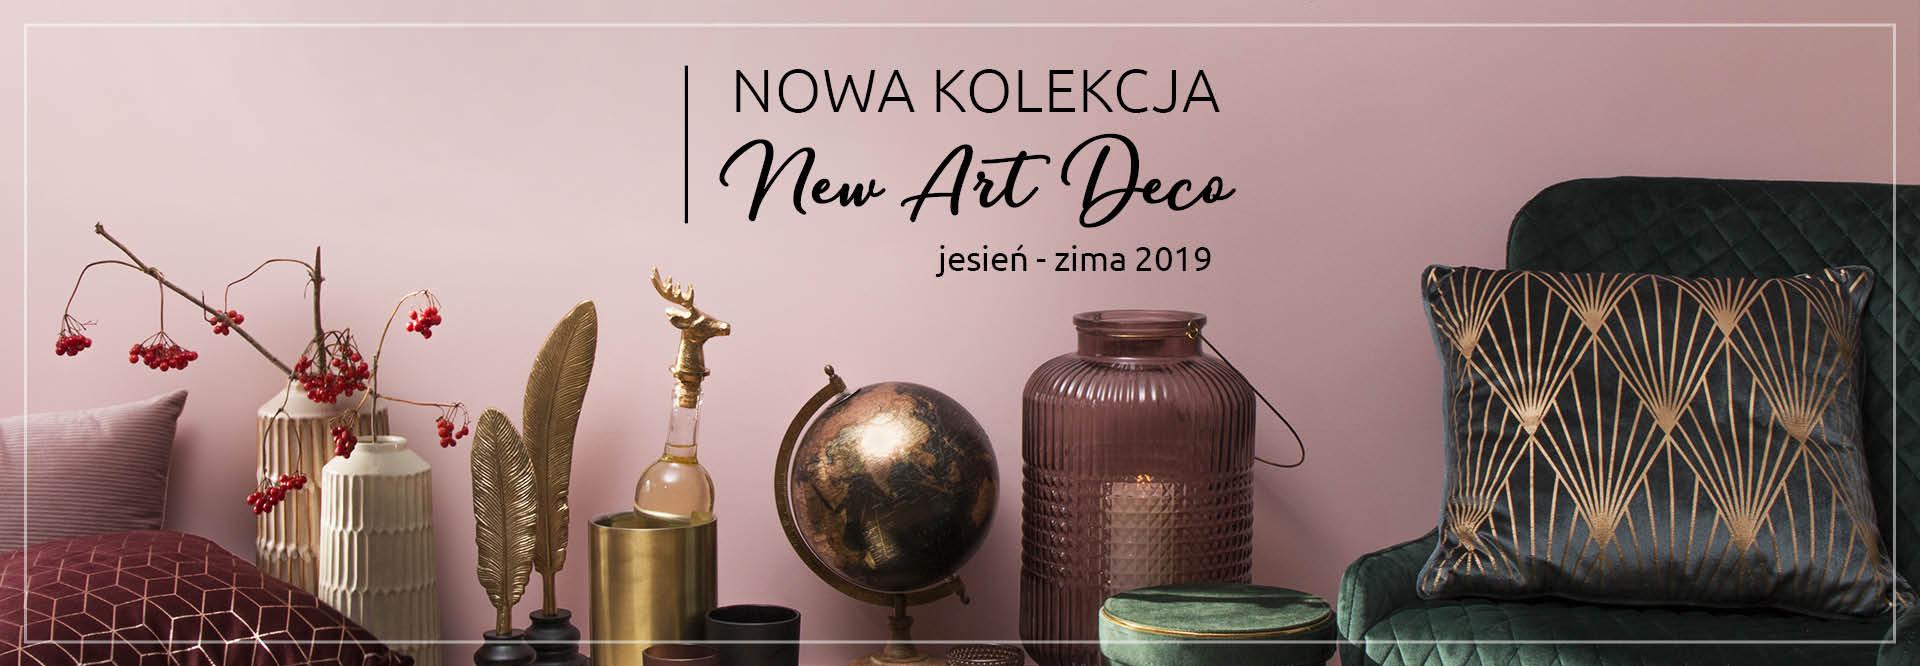 Nowa kolekcja Art Deco. Sprawdź!